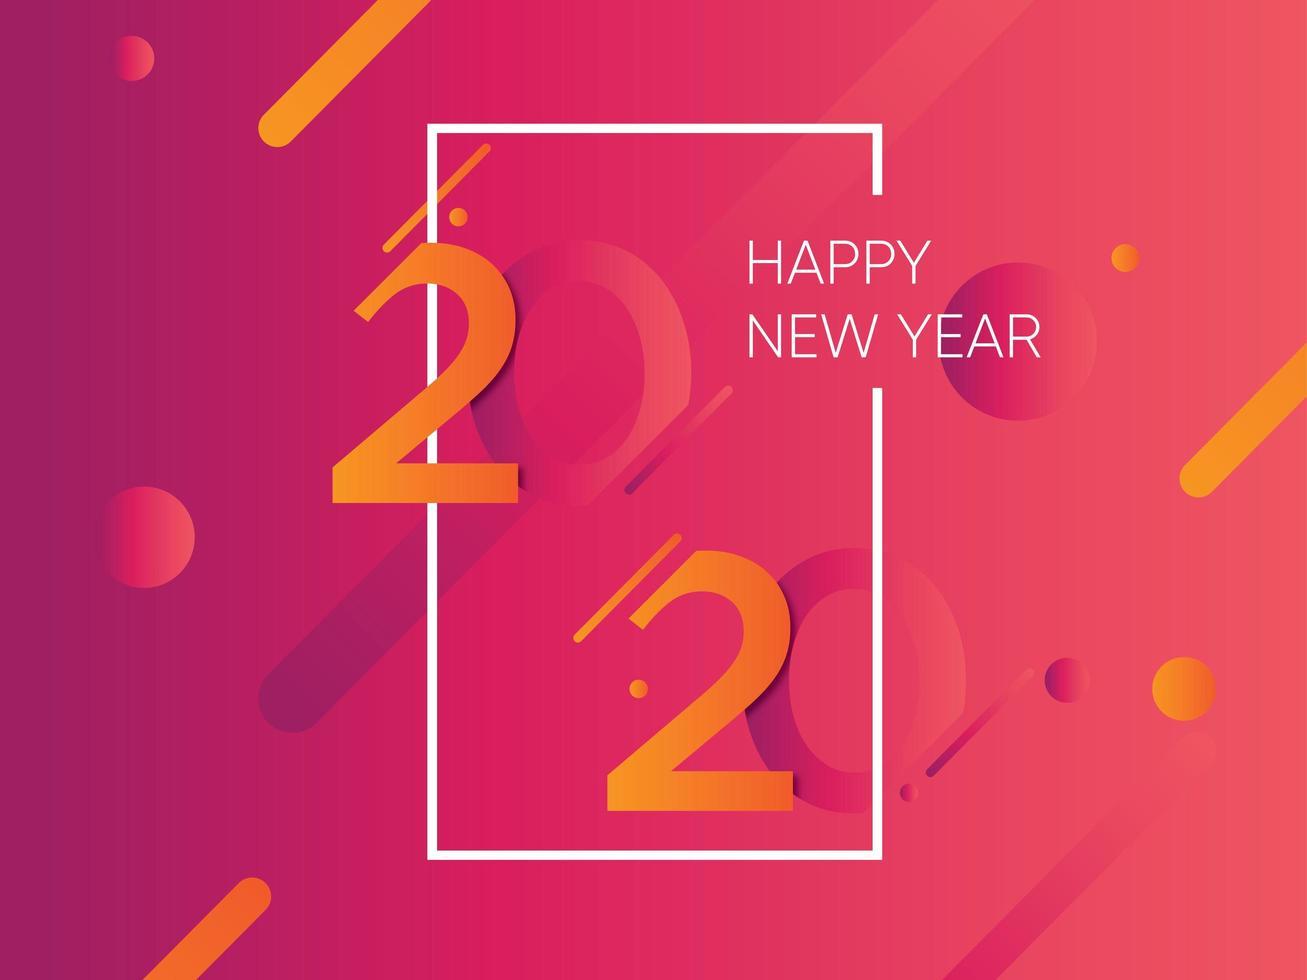 Sfondo rosa e arancione del nuovo anno 2020 con cornice bianca vettore